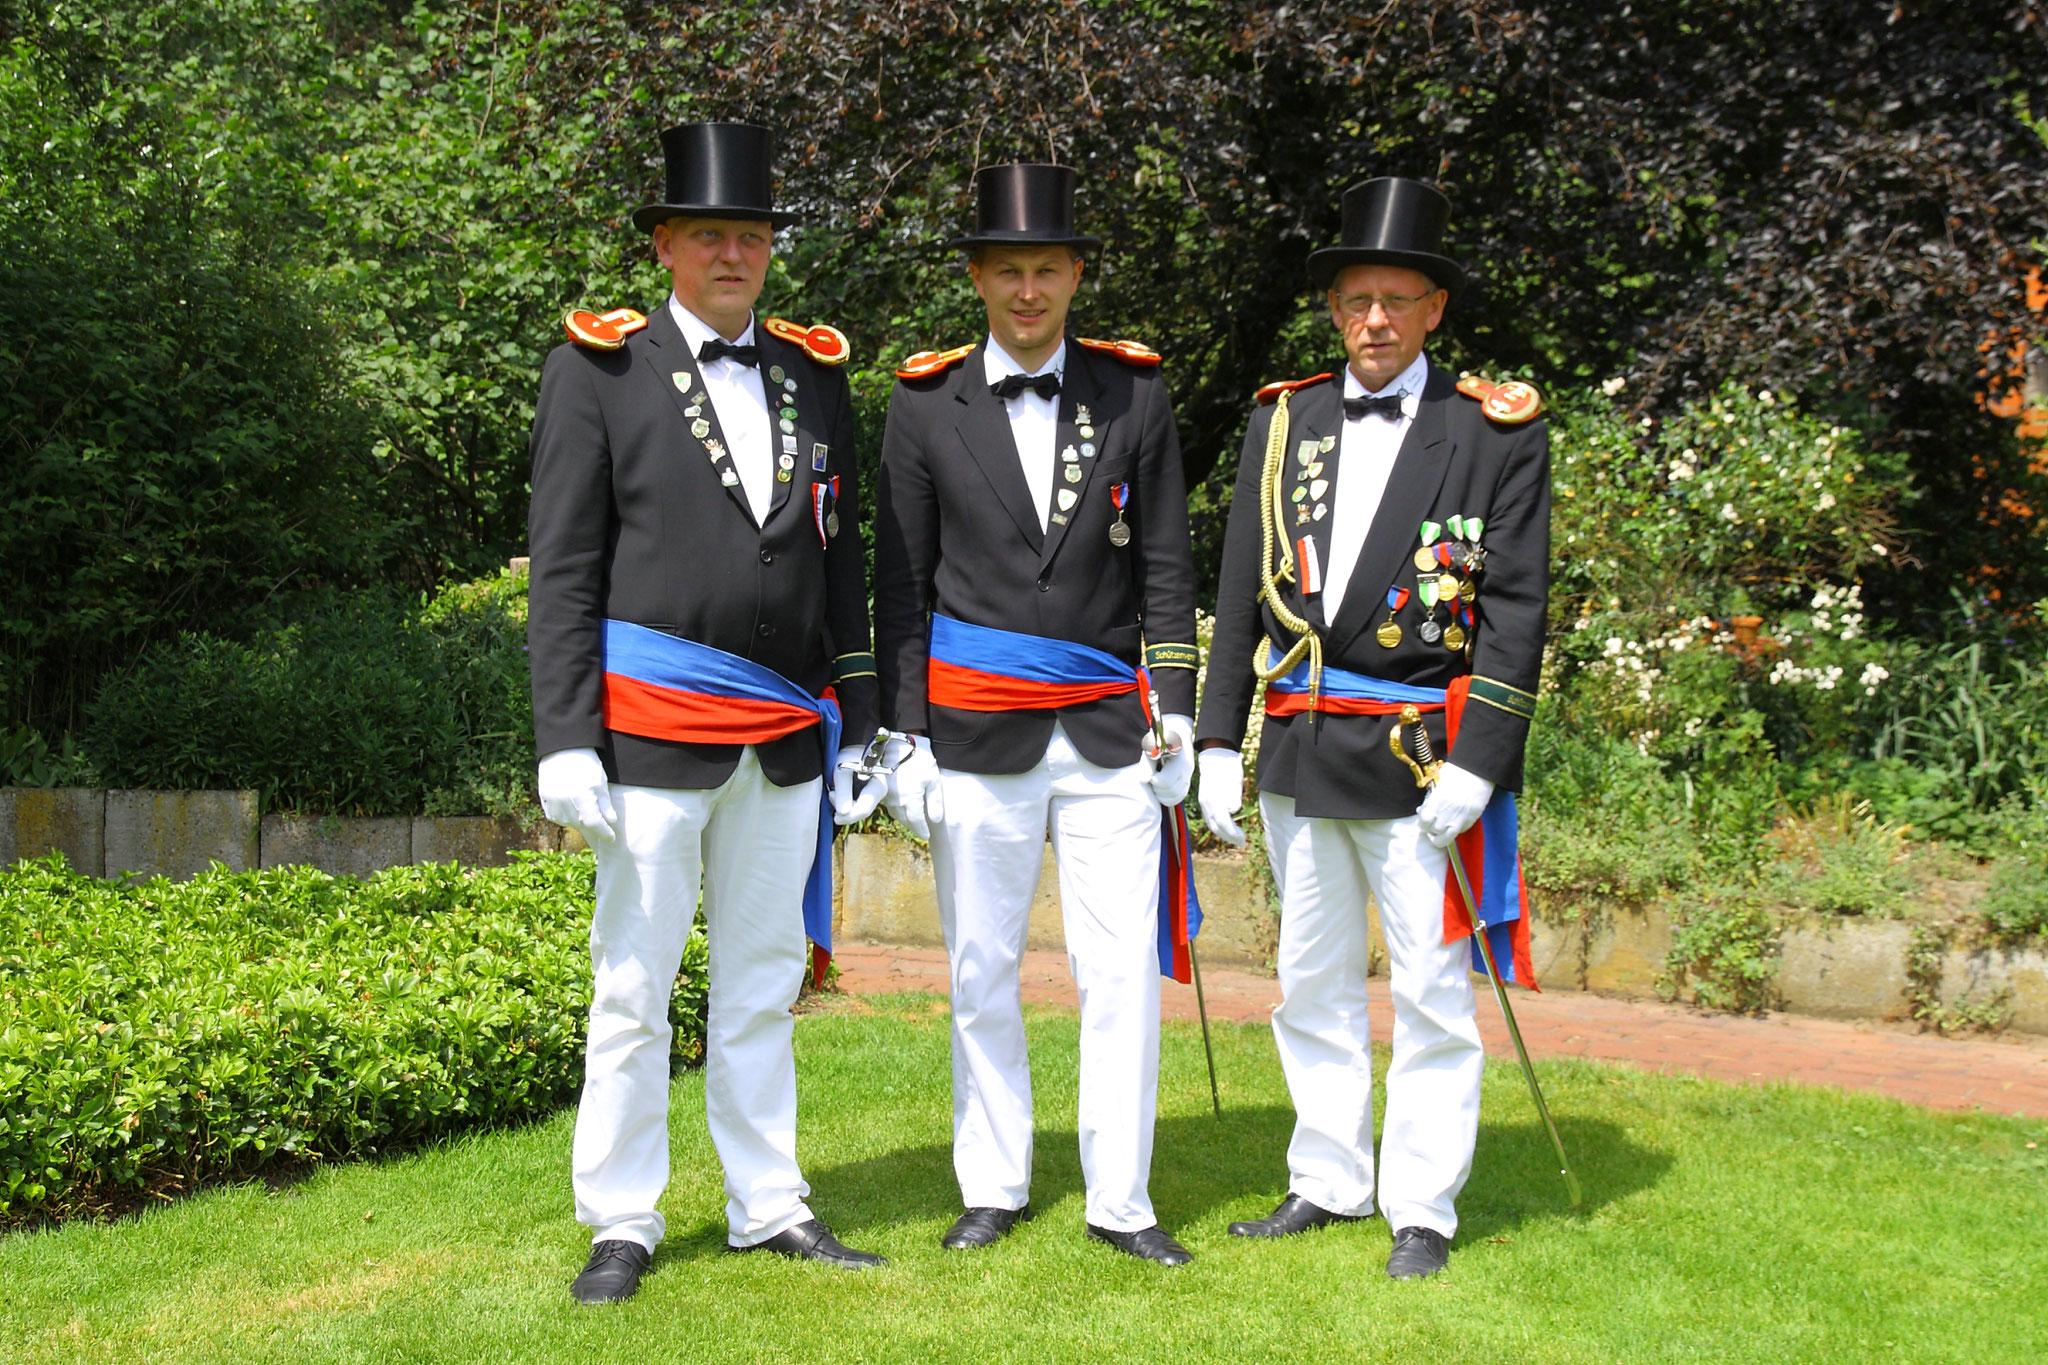 Offiziere der Kompanie Lehmden